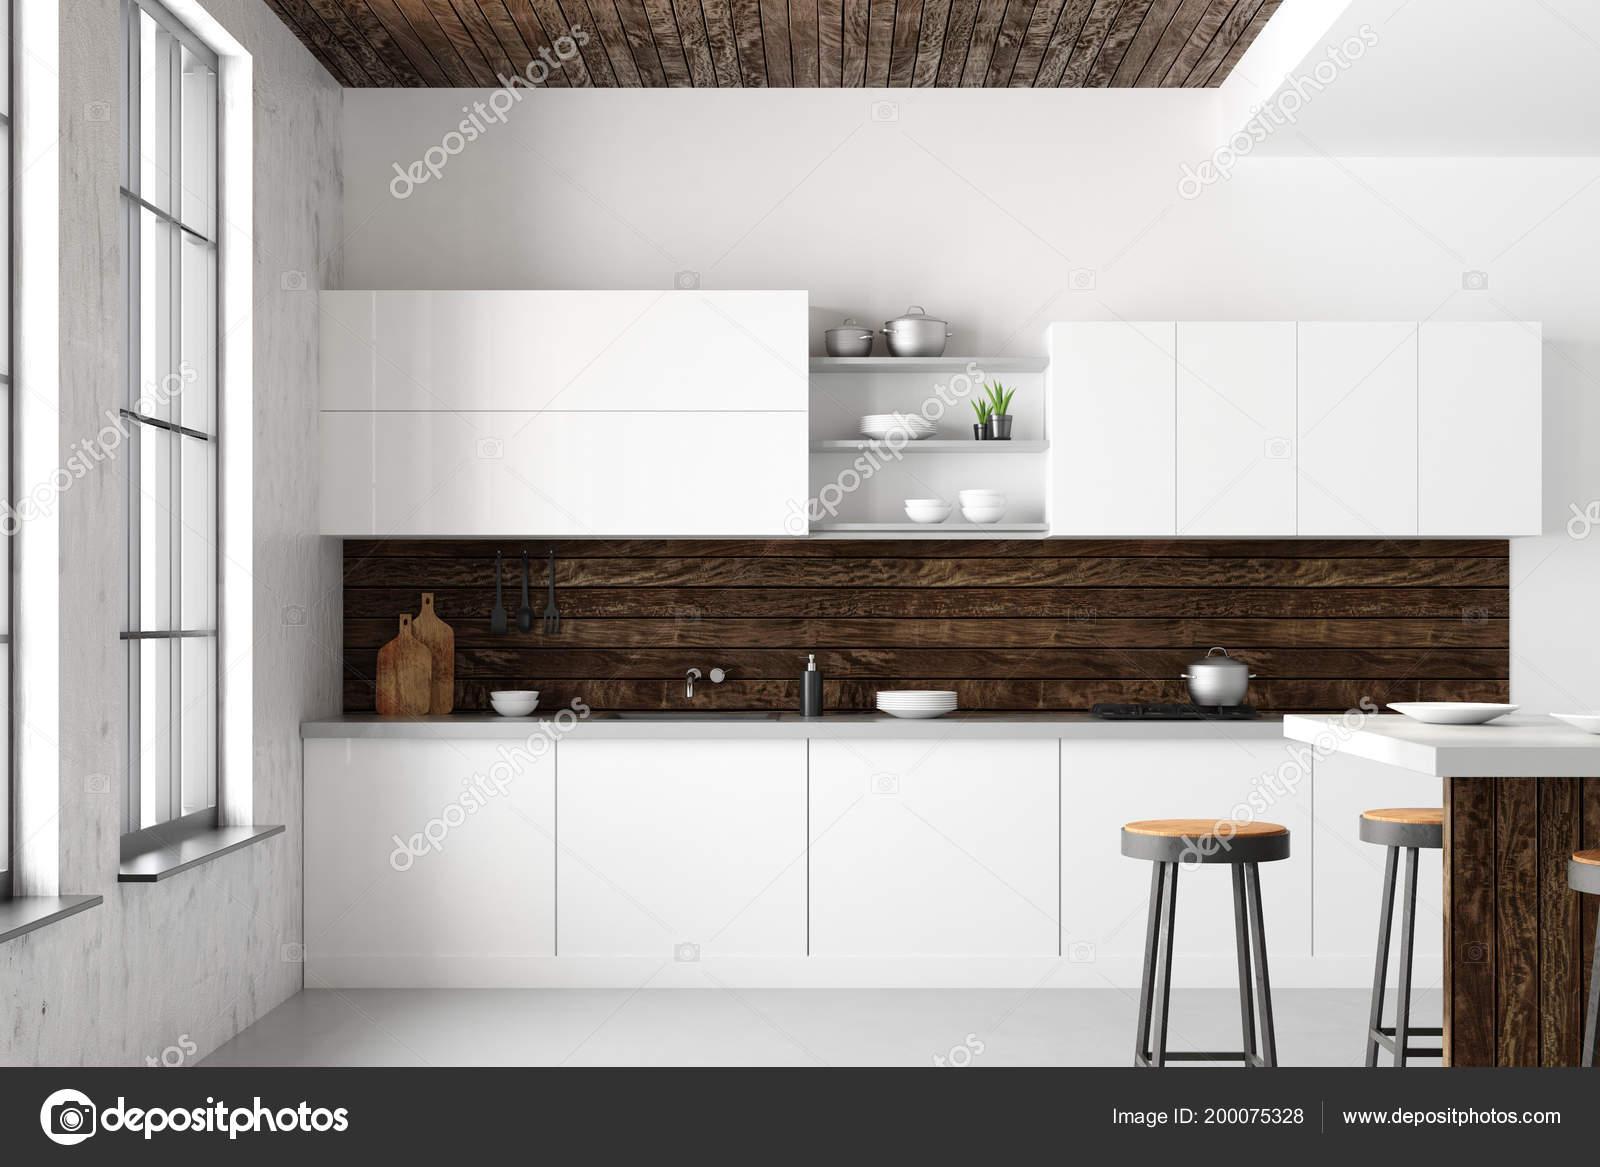 Daglicht Je Keuken : Witte loft keuken interieur met meubels apparaten uitzicht stad